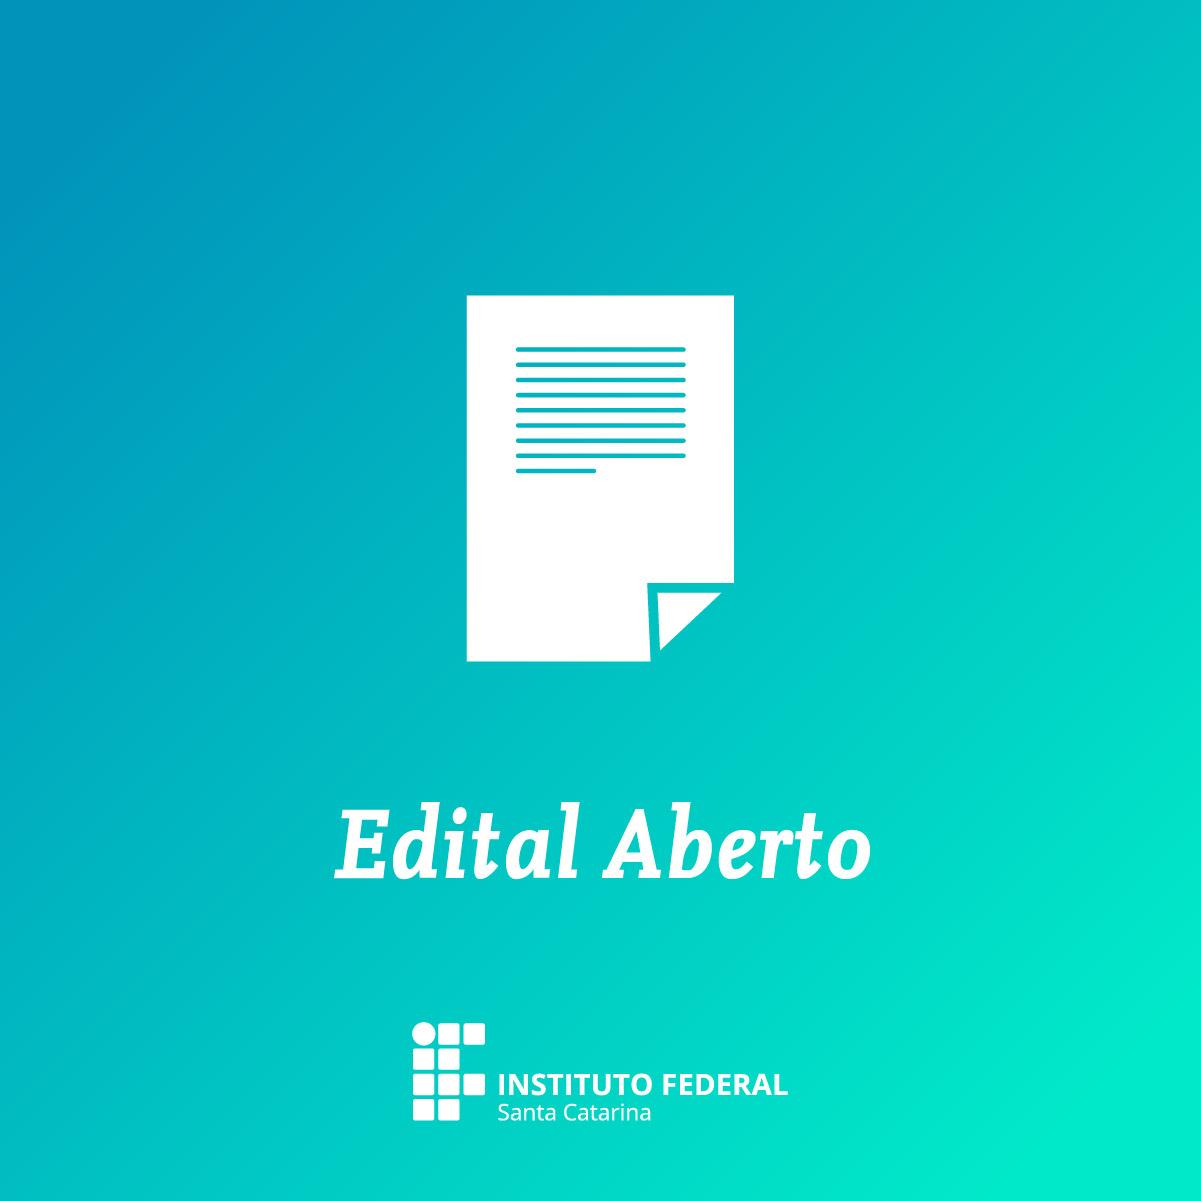 Inscrições abertas para seleção de jornalista, motion designer e editor de vídeos